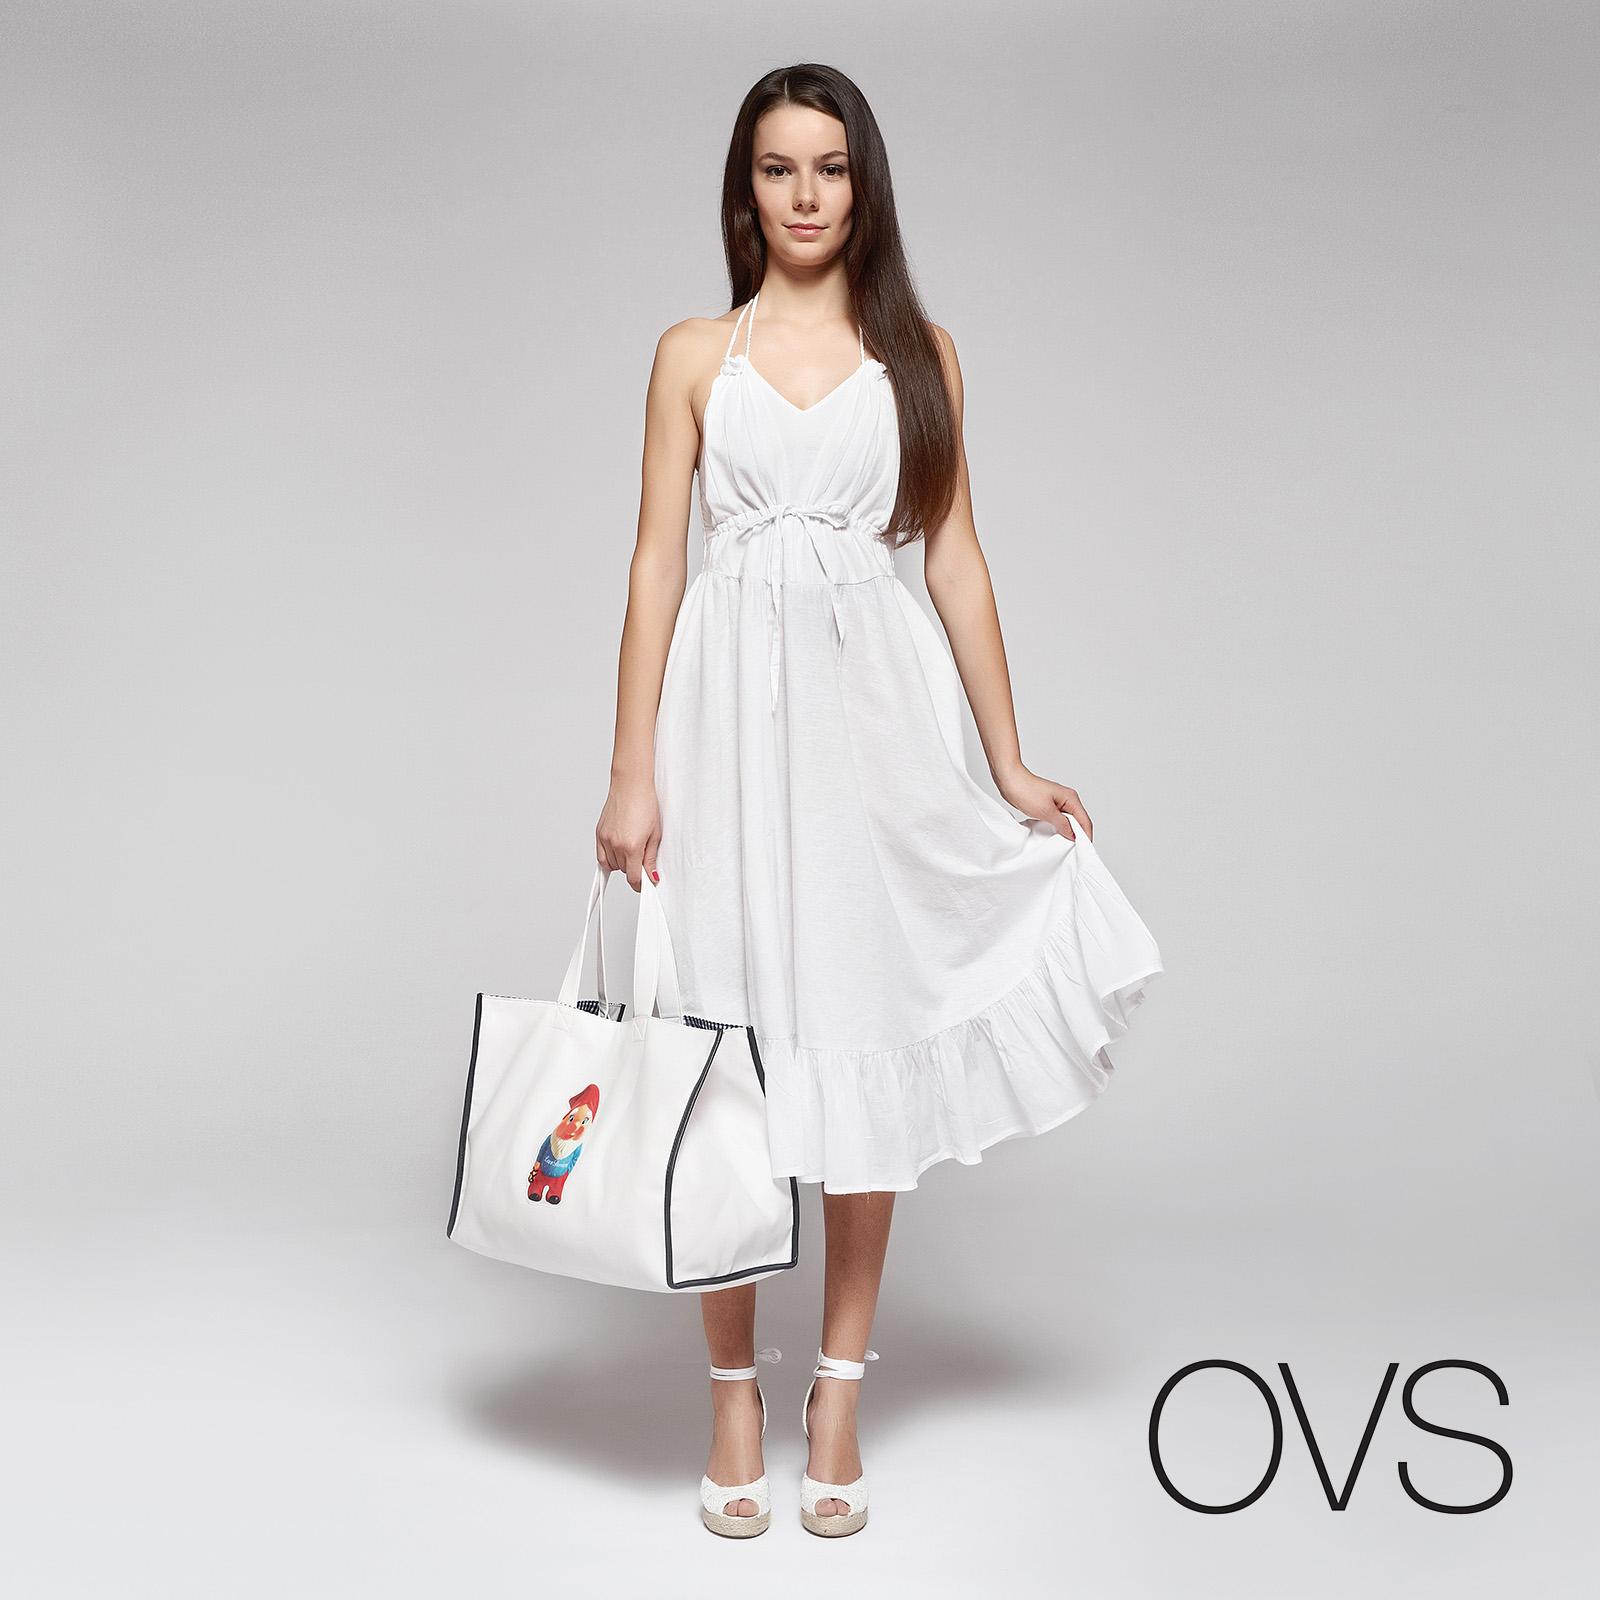 Campagna social OVS Love Therapy - MC Studios - Fashion E-commerce